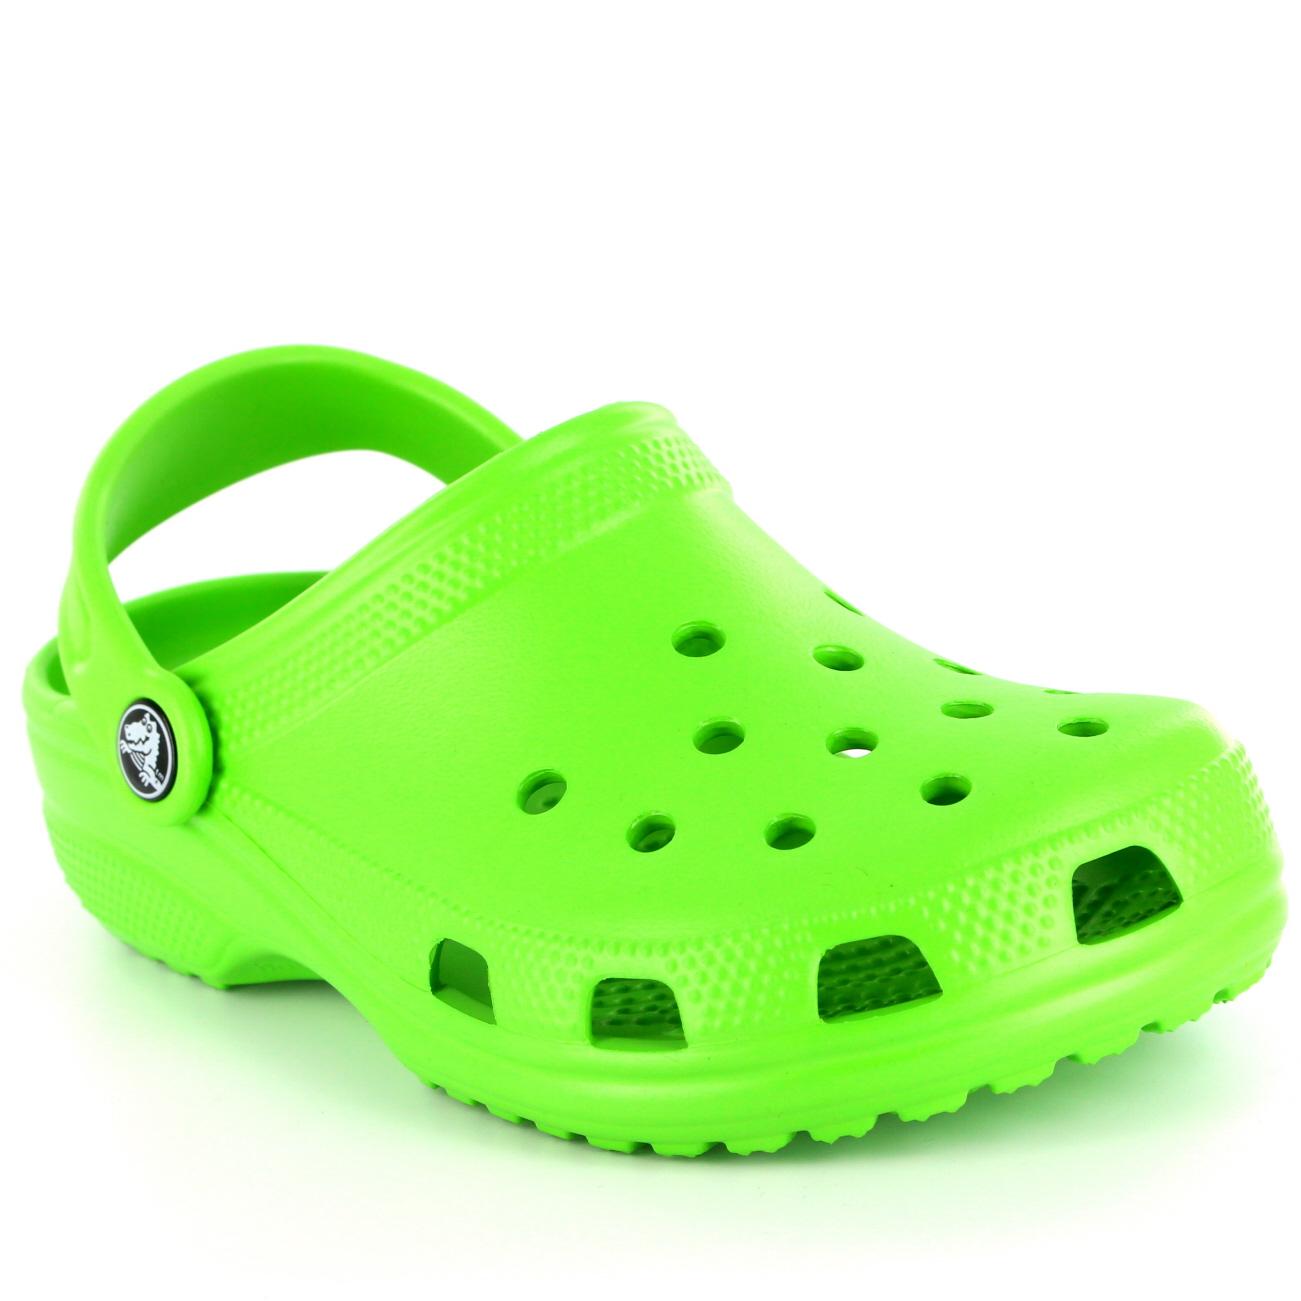 Crocs Cayman Classic